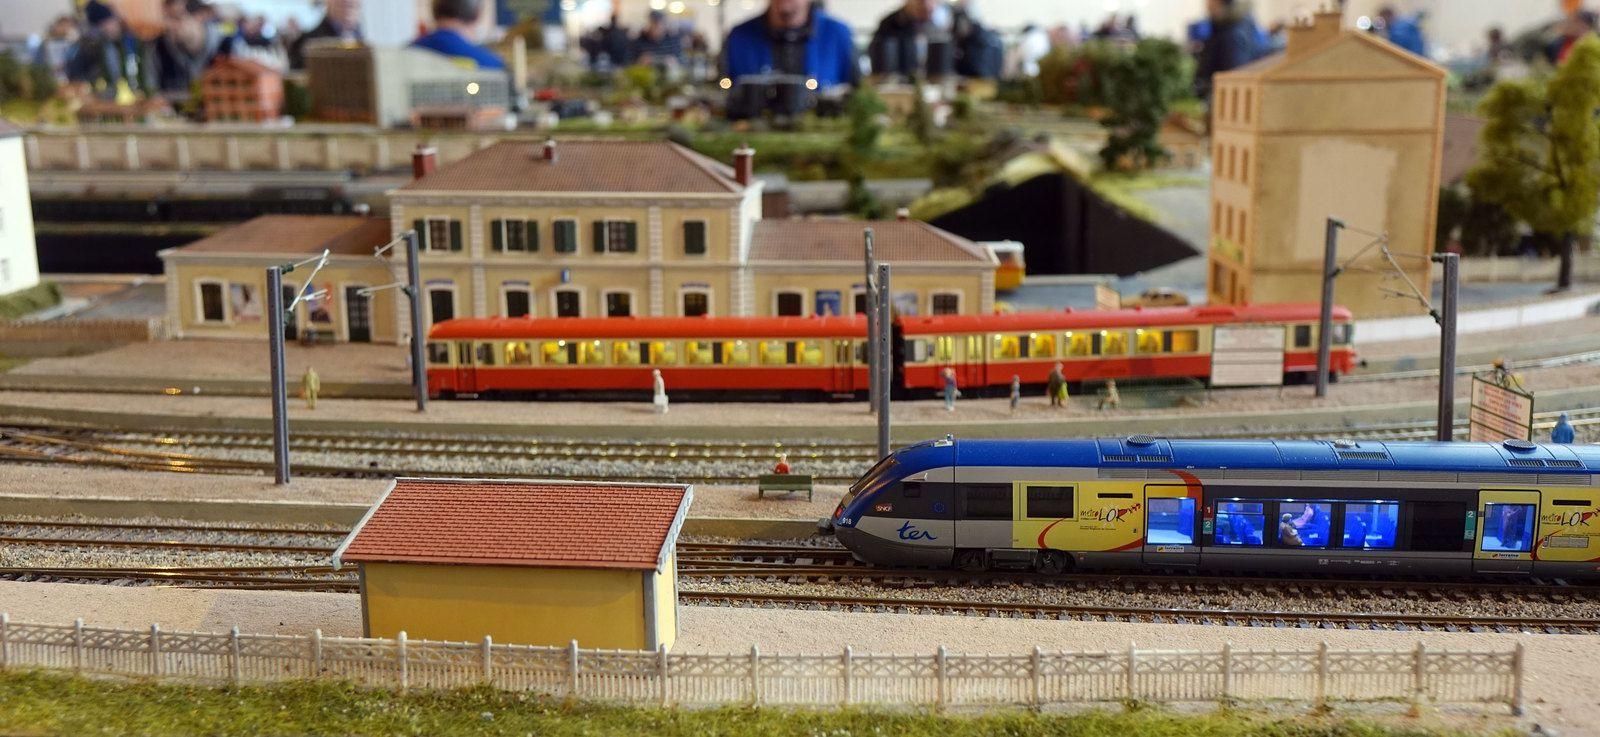 En gare de Courbeville, un X 73500 assure la correspondance de l'X 4300 venant de Castelnau.